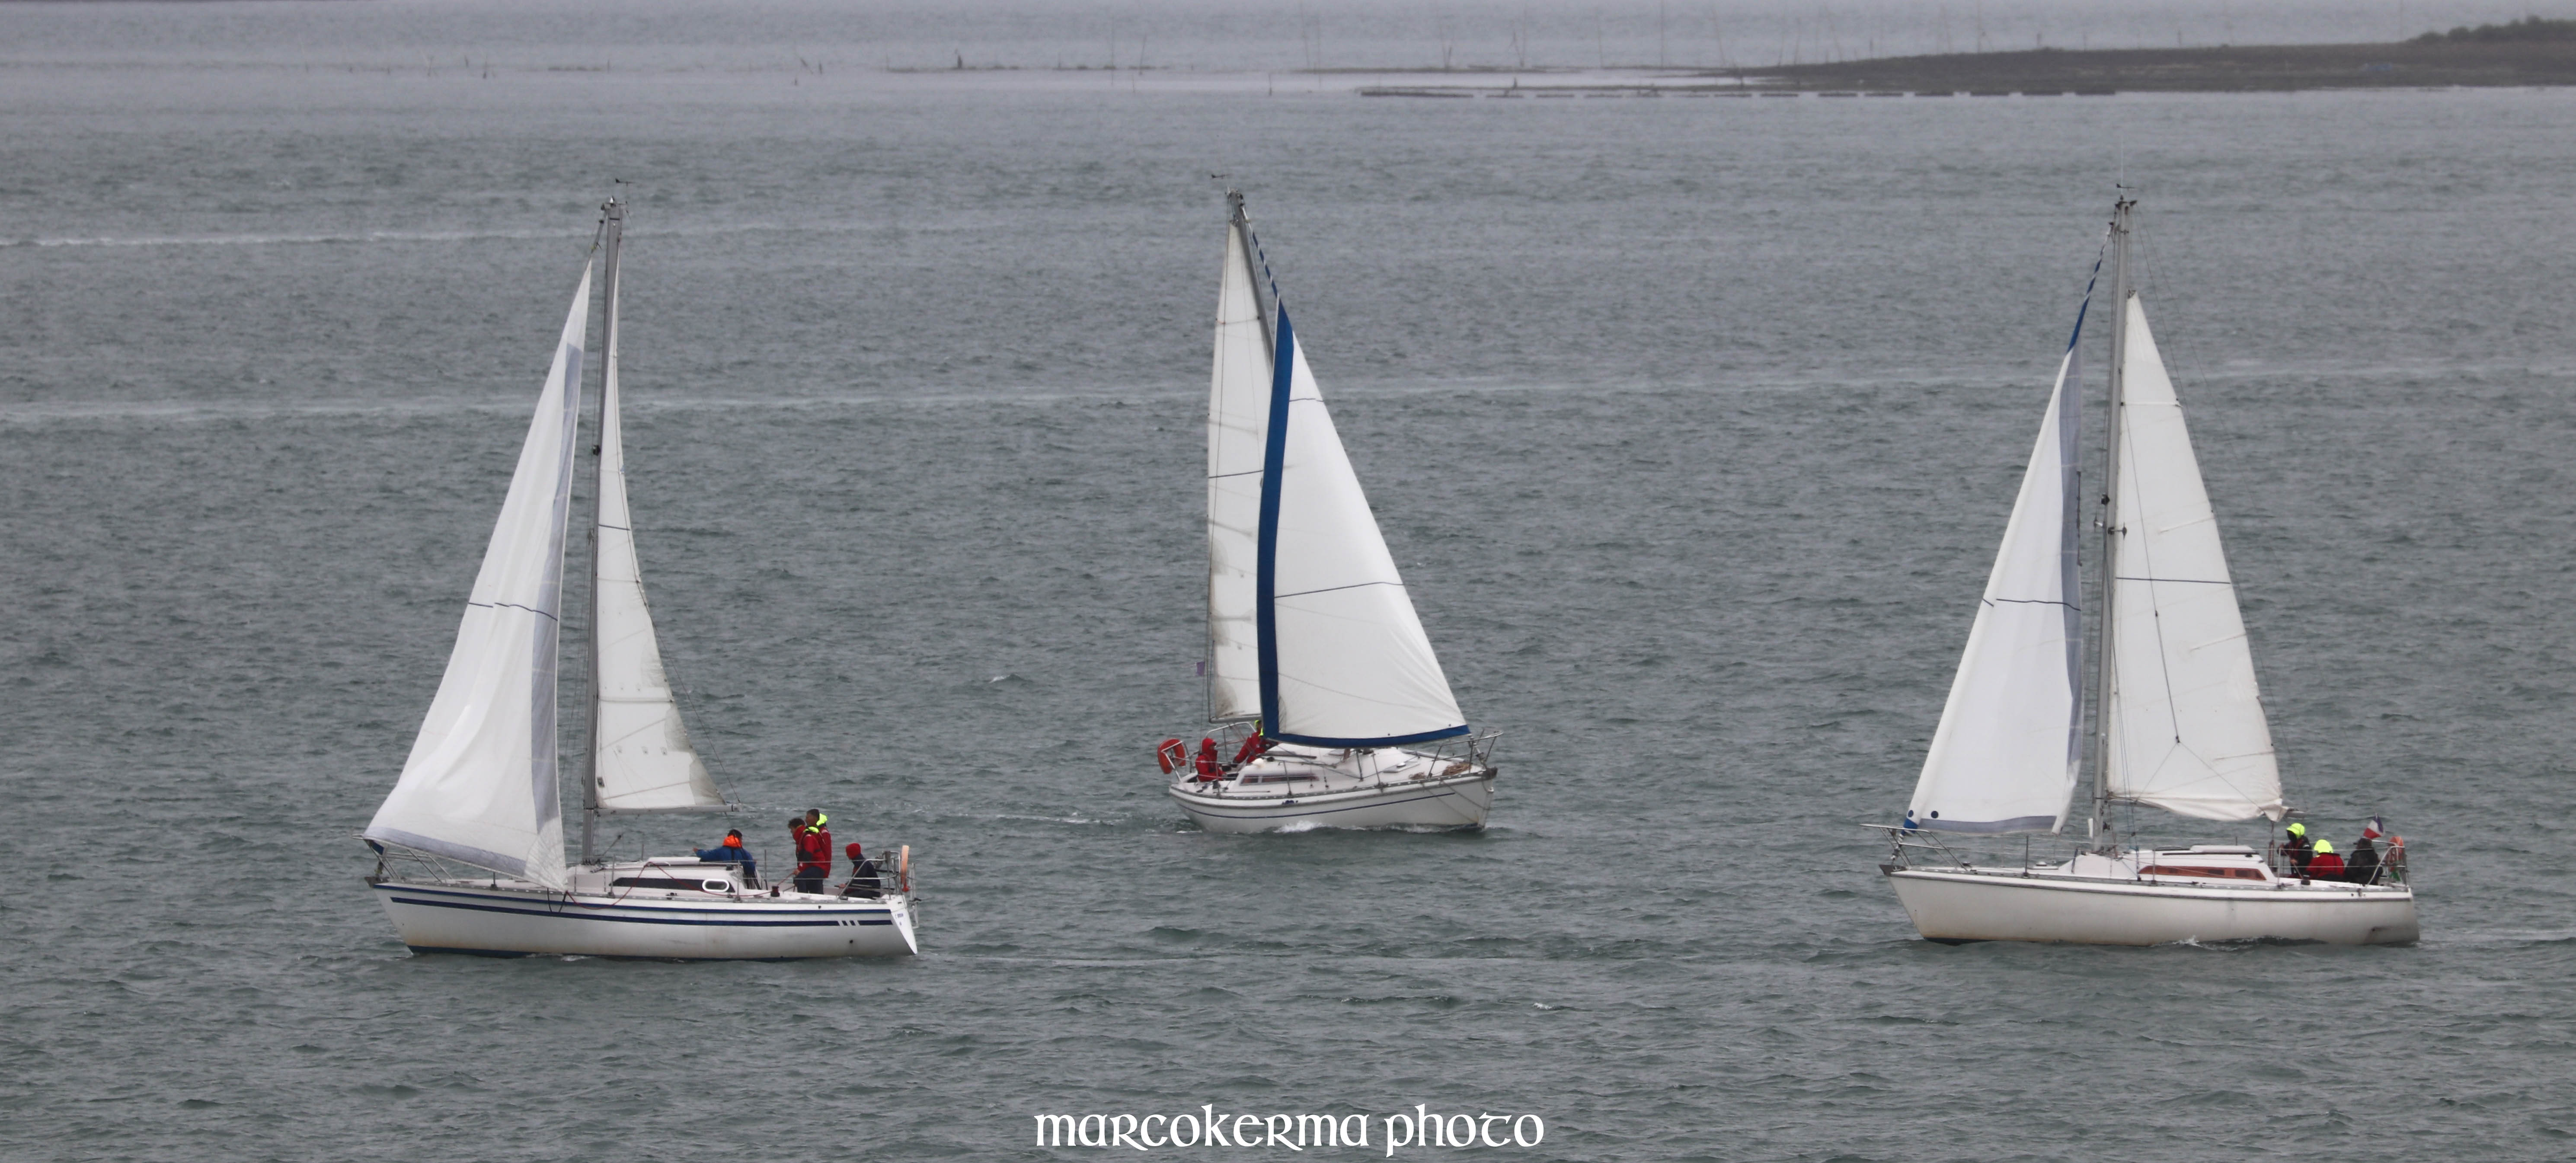 régate devant l'île aux Moines, Golfe du Morbihan, 9 juin 19, 16h32.jpg